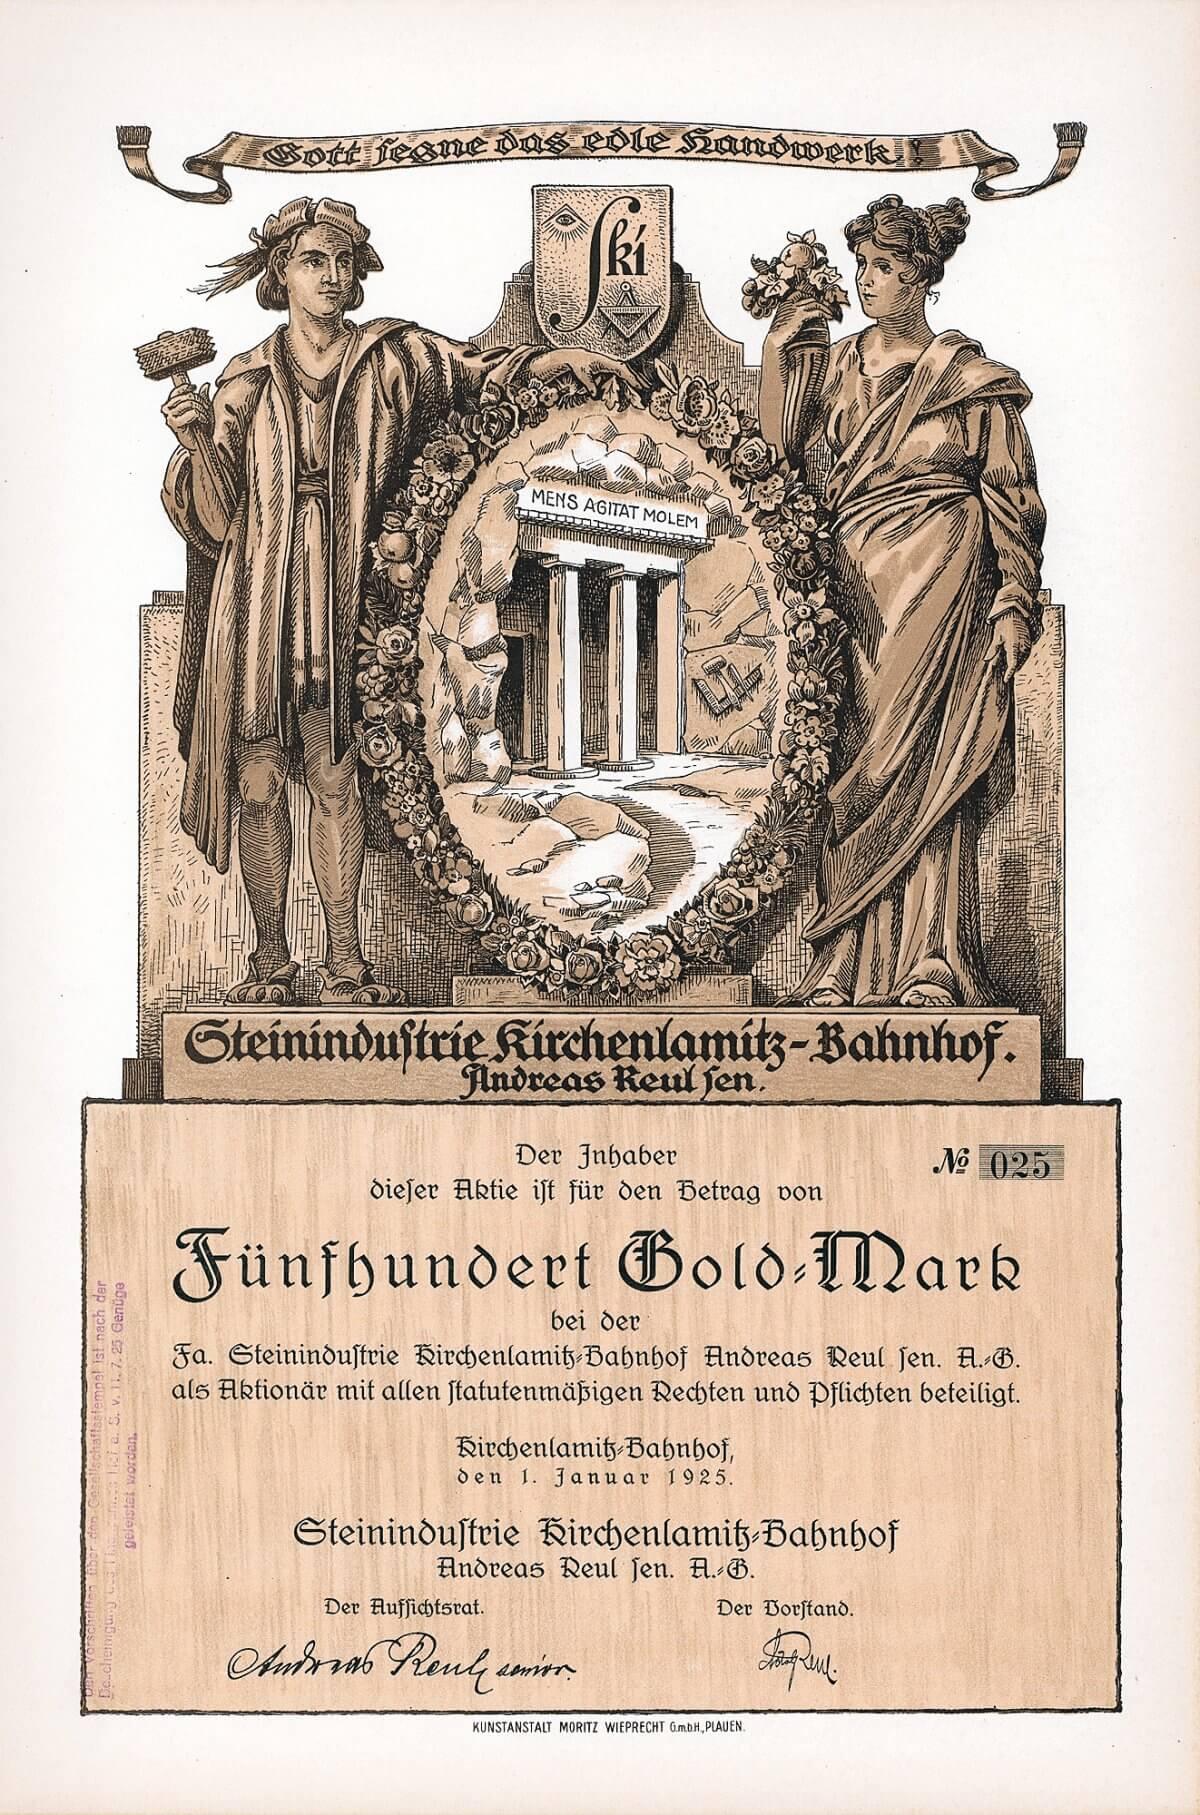 Steinindustrie Kirchenlamitz-Bahnhof Andreas Reul sen. AG, Gründeraktie über 500 Goldmark von 1925.